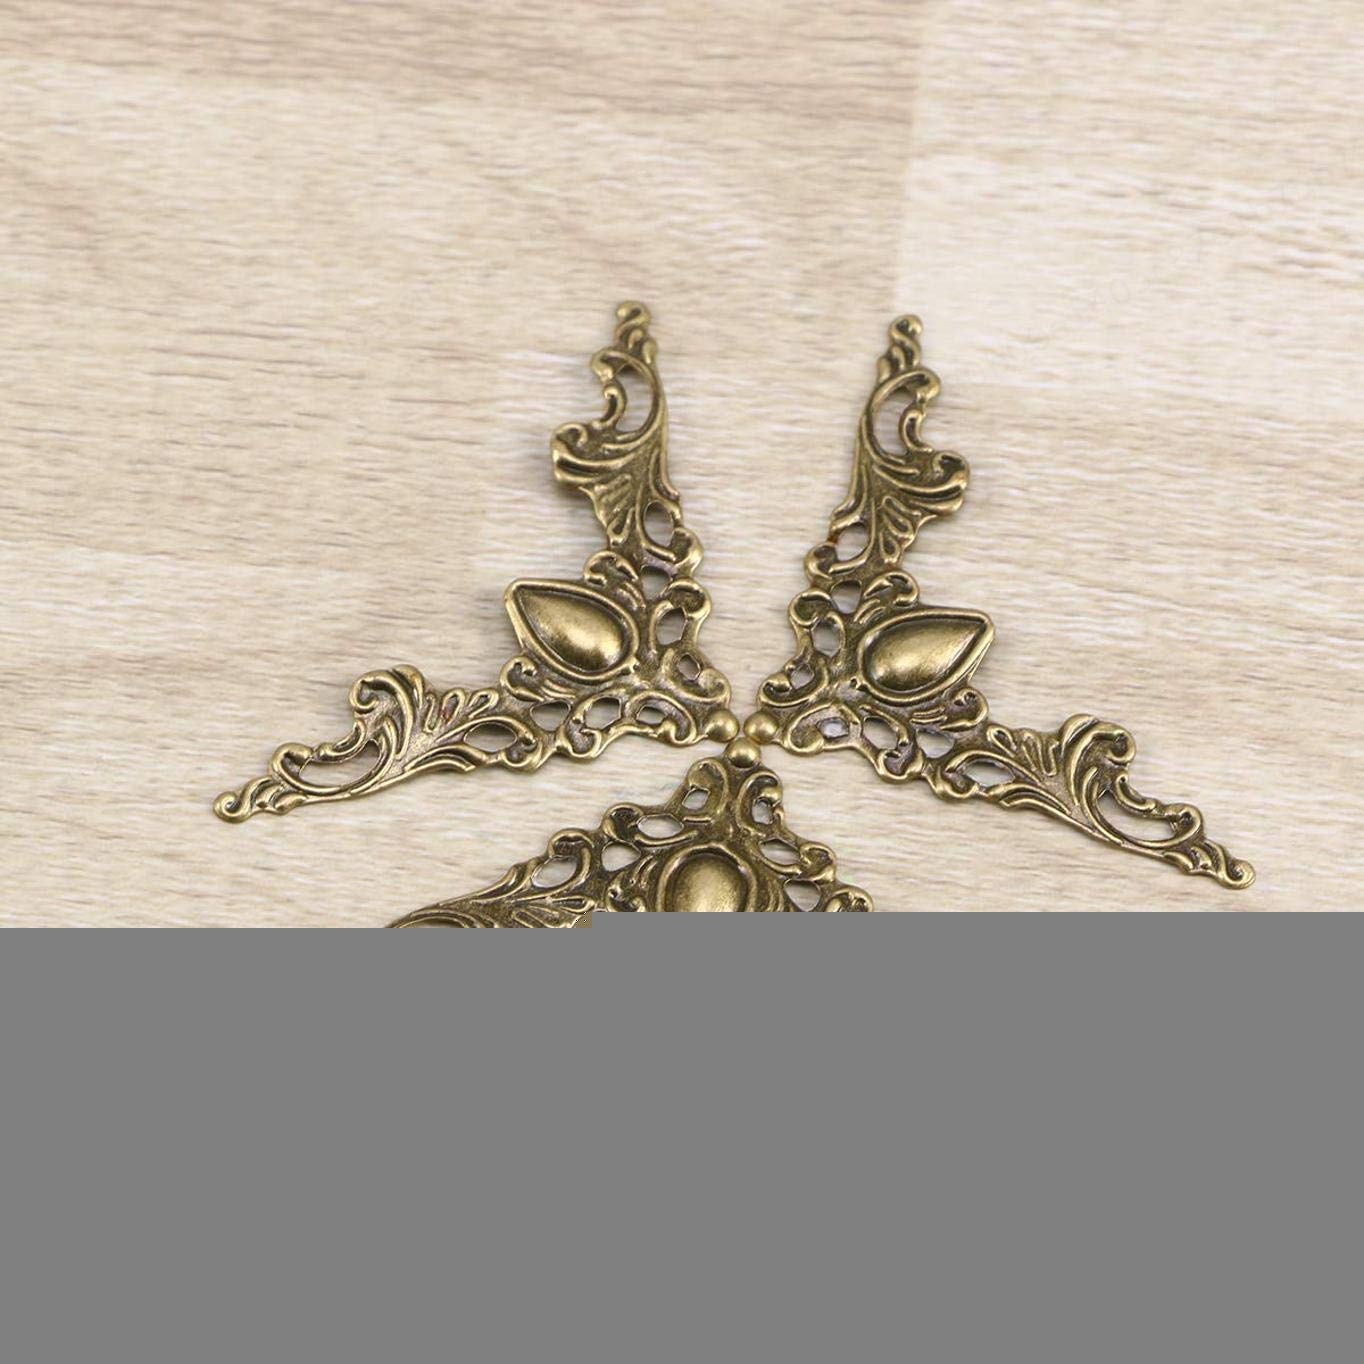 24St Sepikey Buch Ecken Buch Sammelalbum Ecken Vintage Metall Bronze dekorative Schutzh/üllen